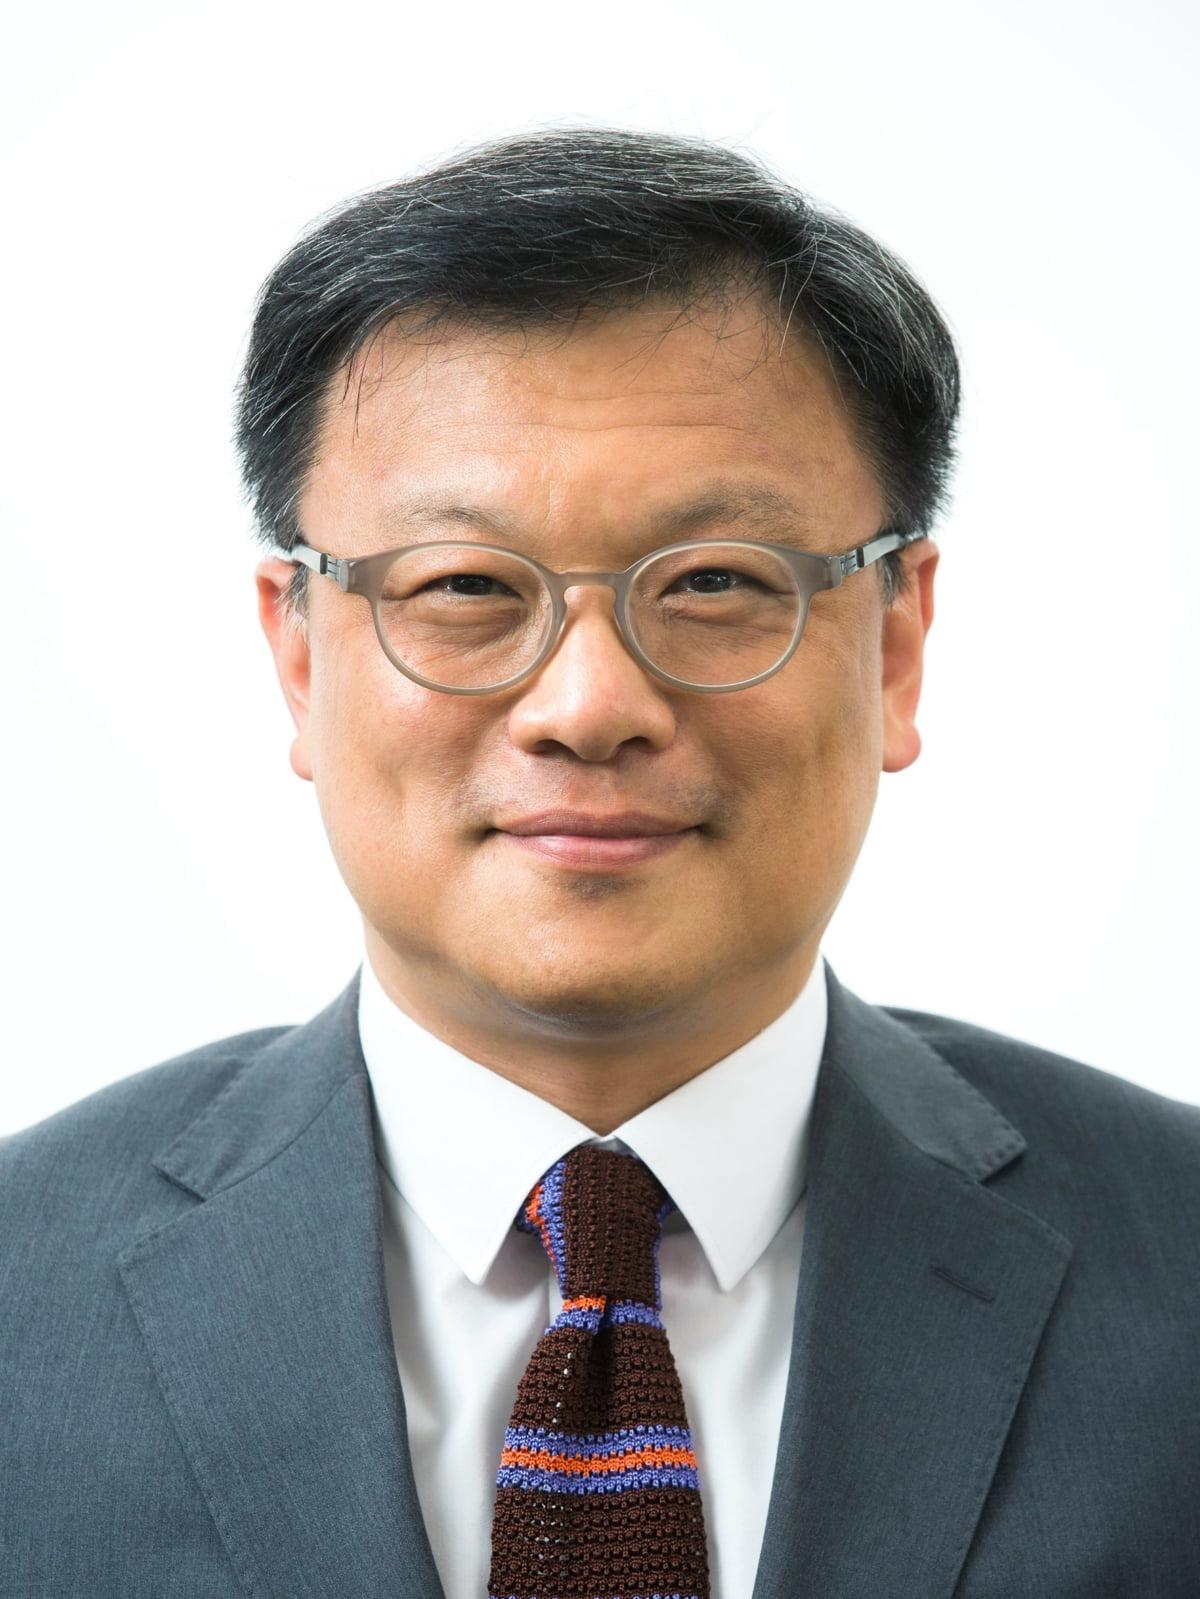 한국거래소, 코스닥시장위원장에 김학균 변호사 선임